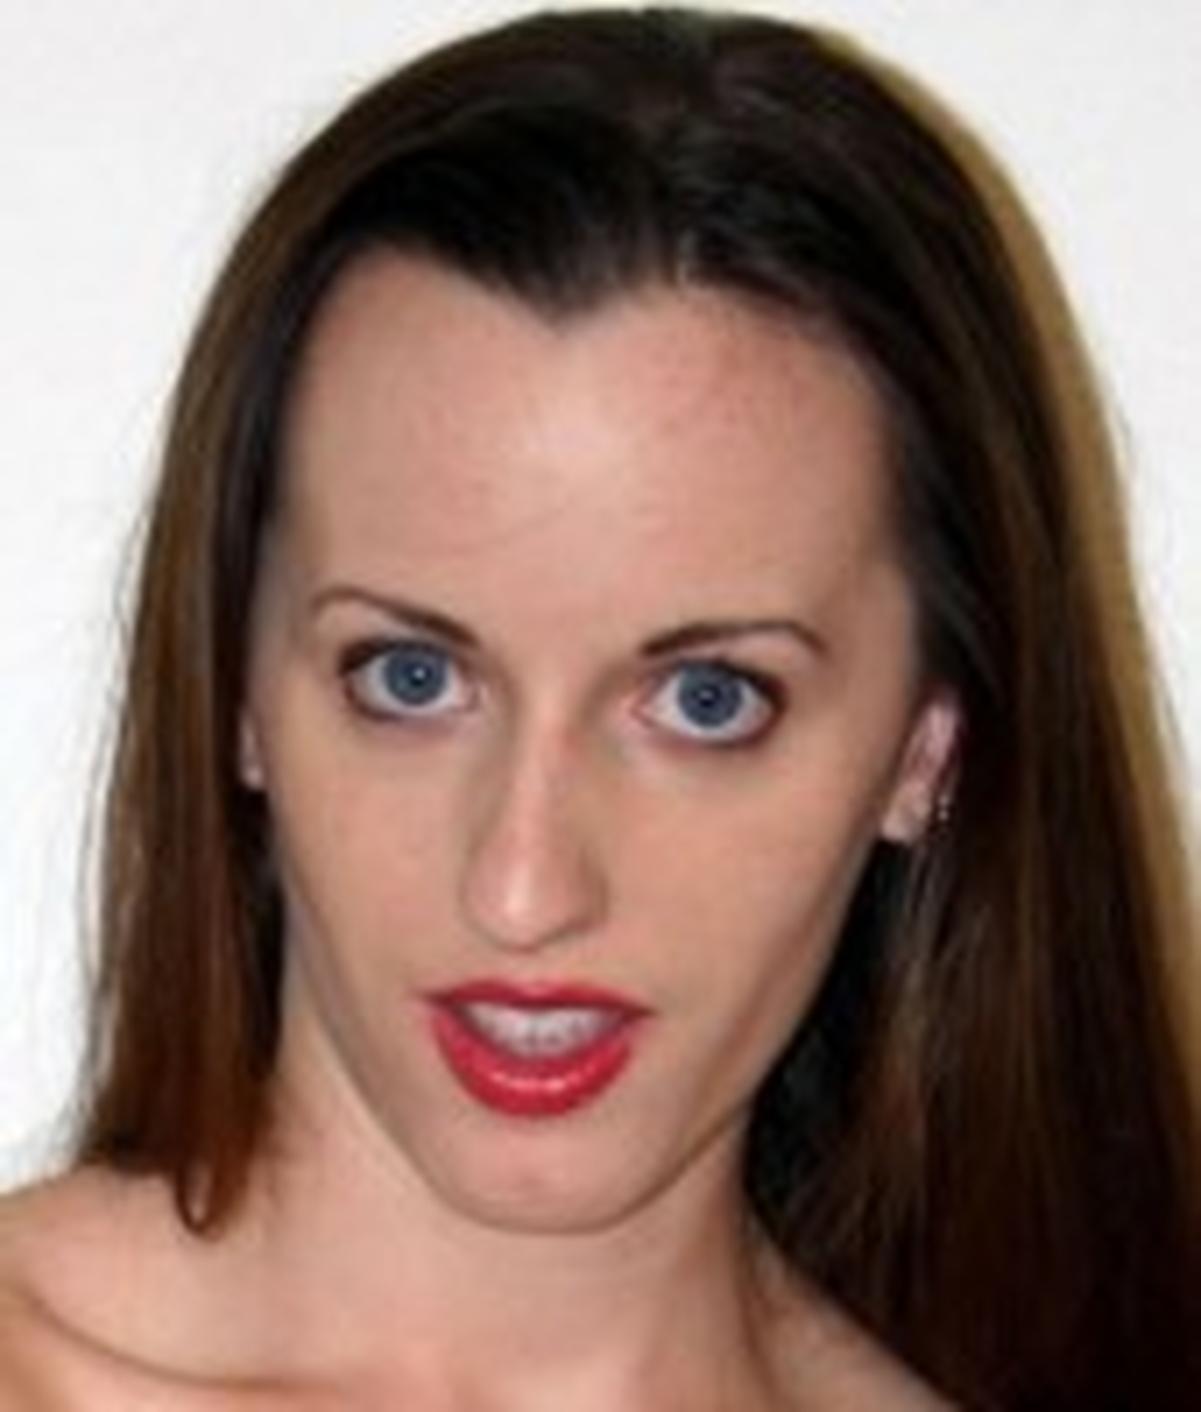 Sarah Jade